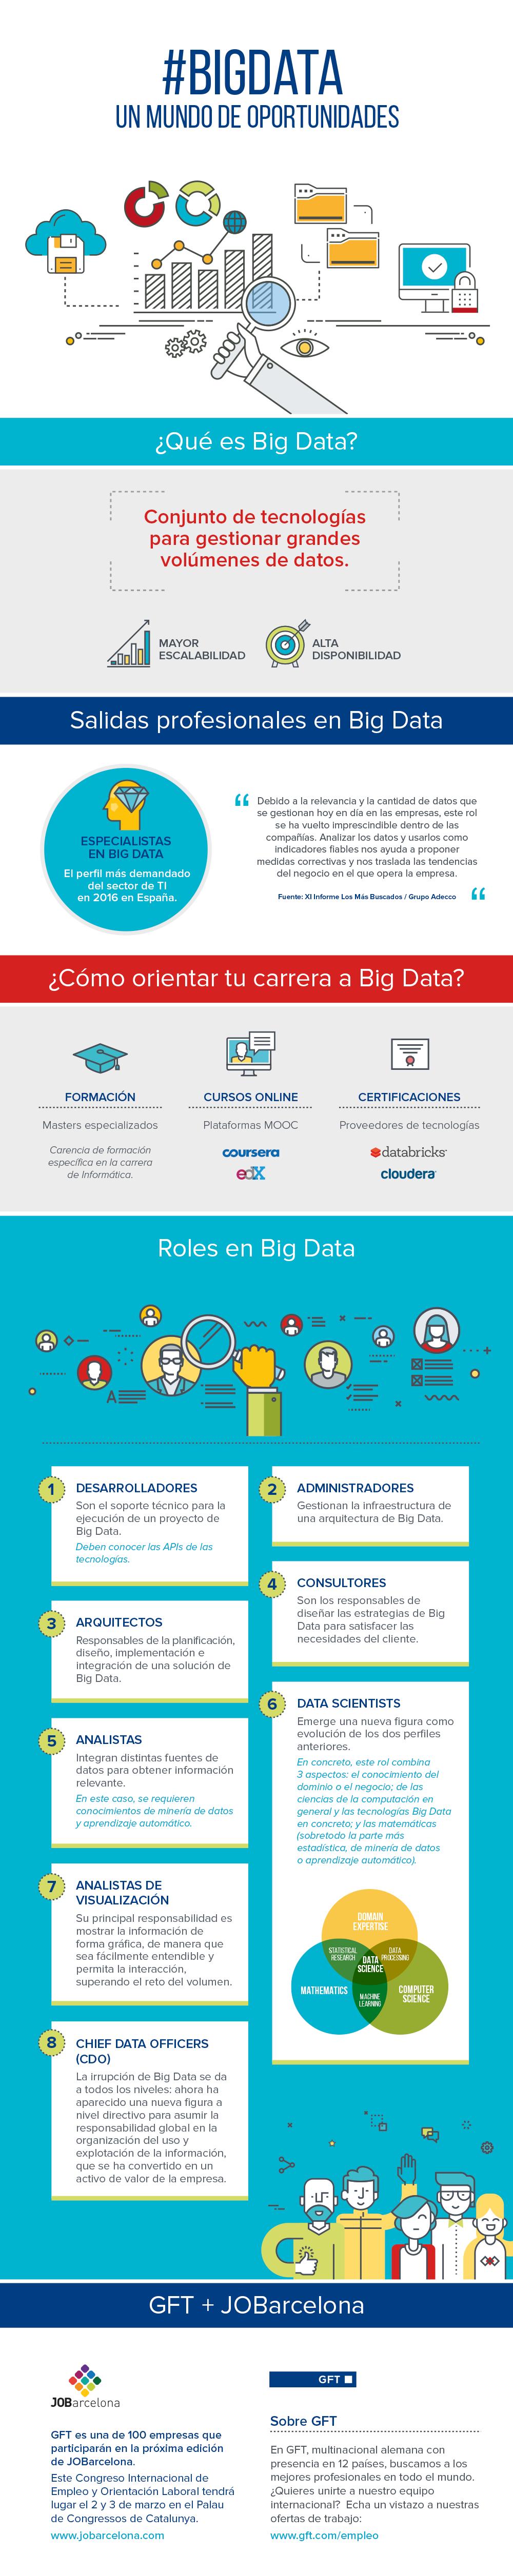 Big Data: um mundo de oportunidades